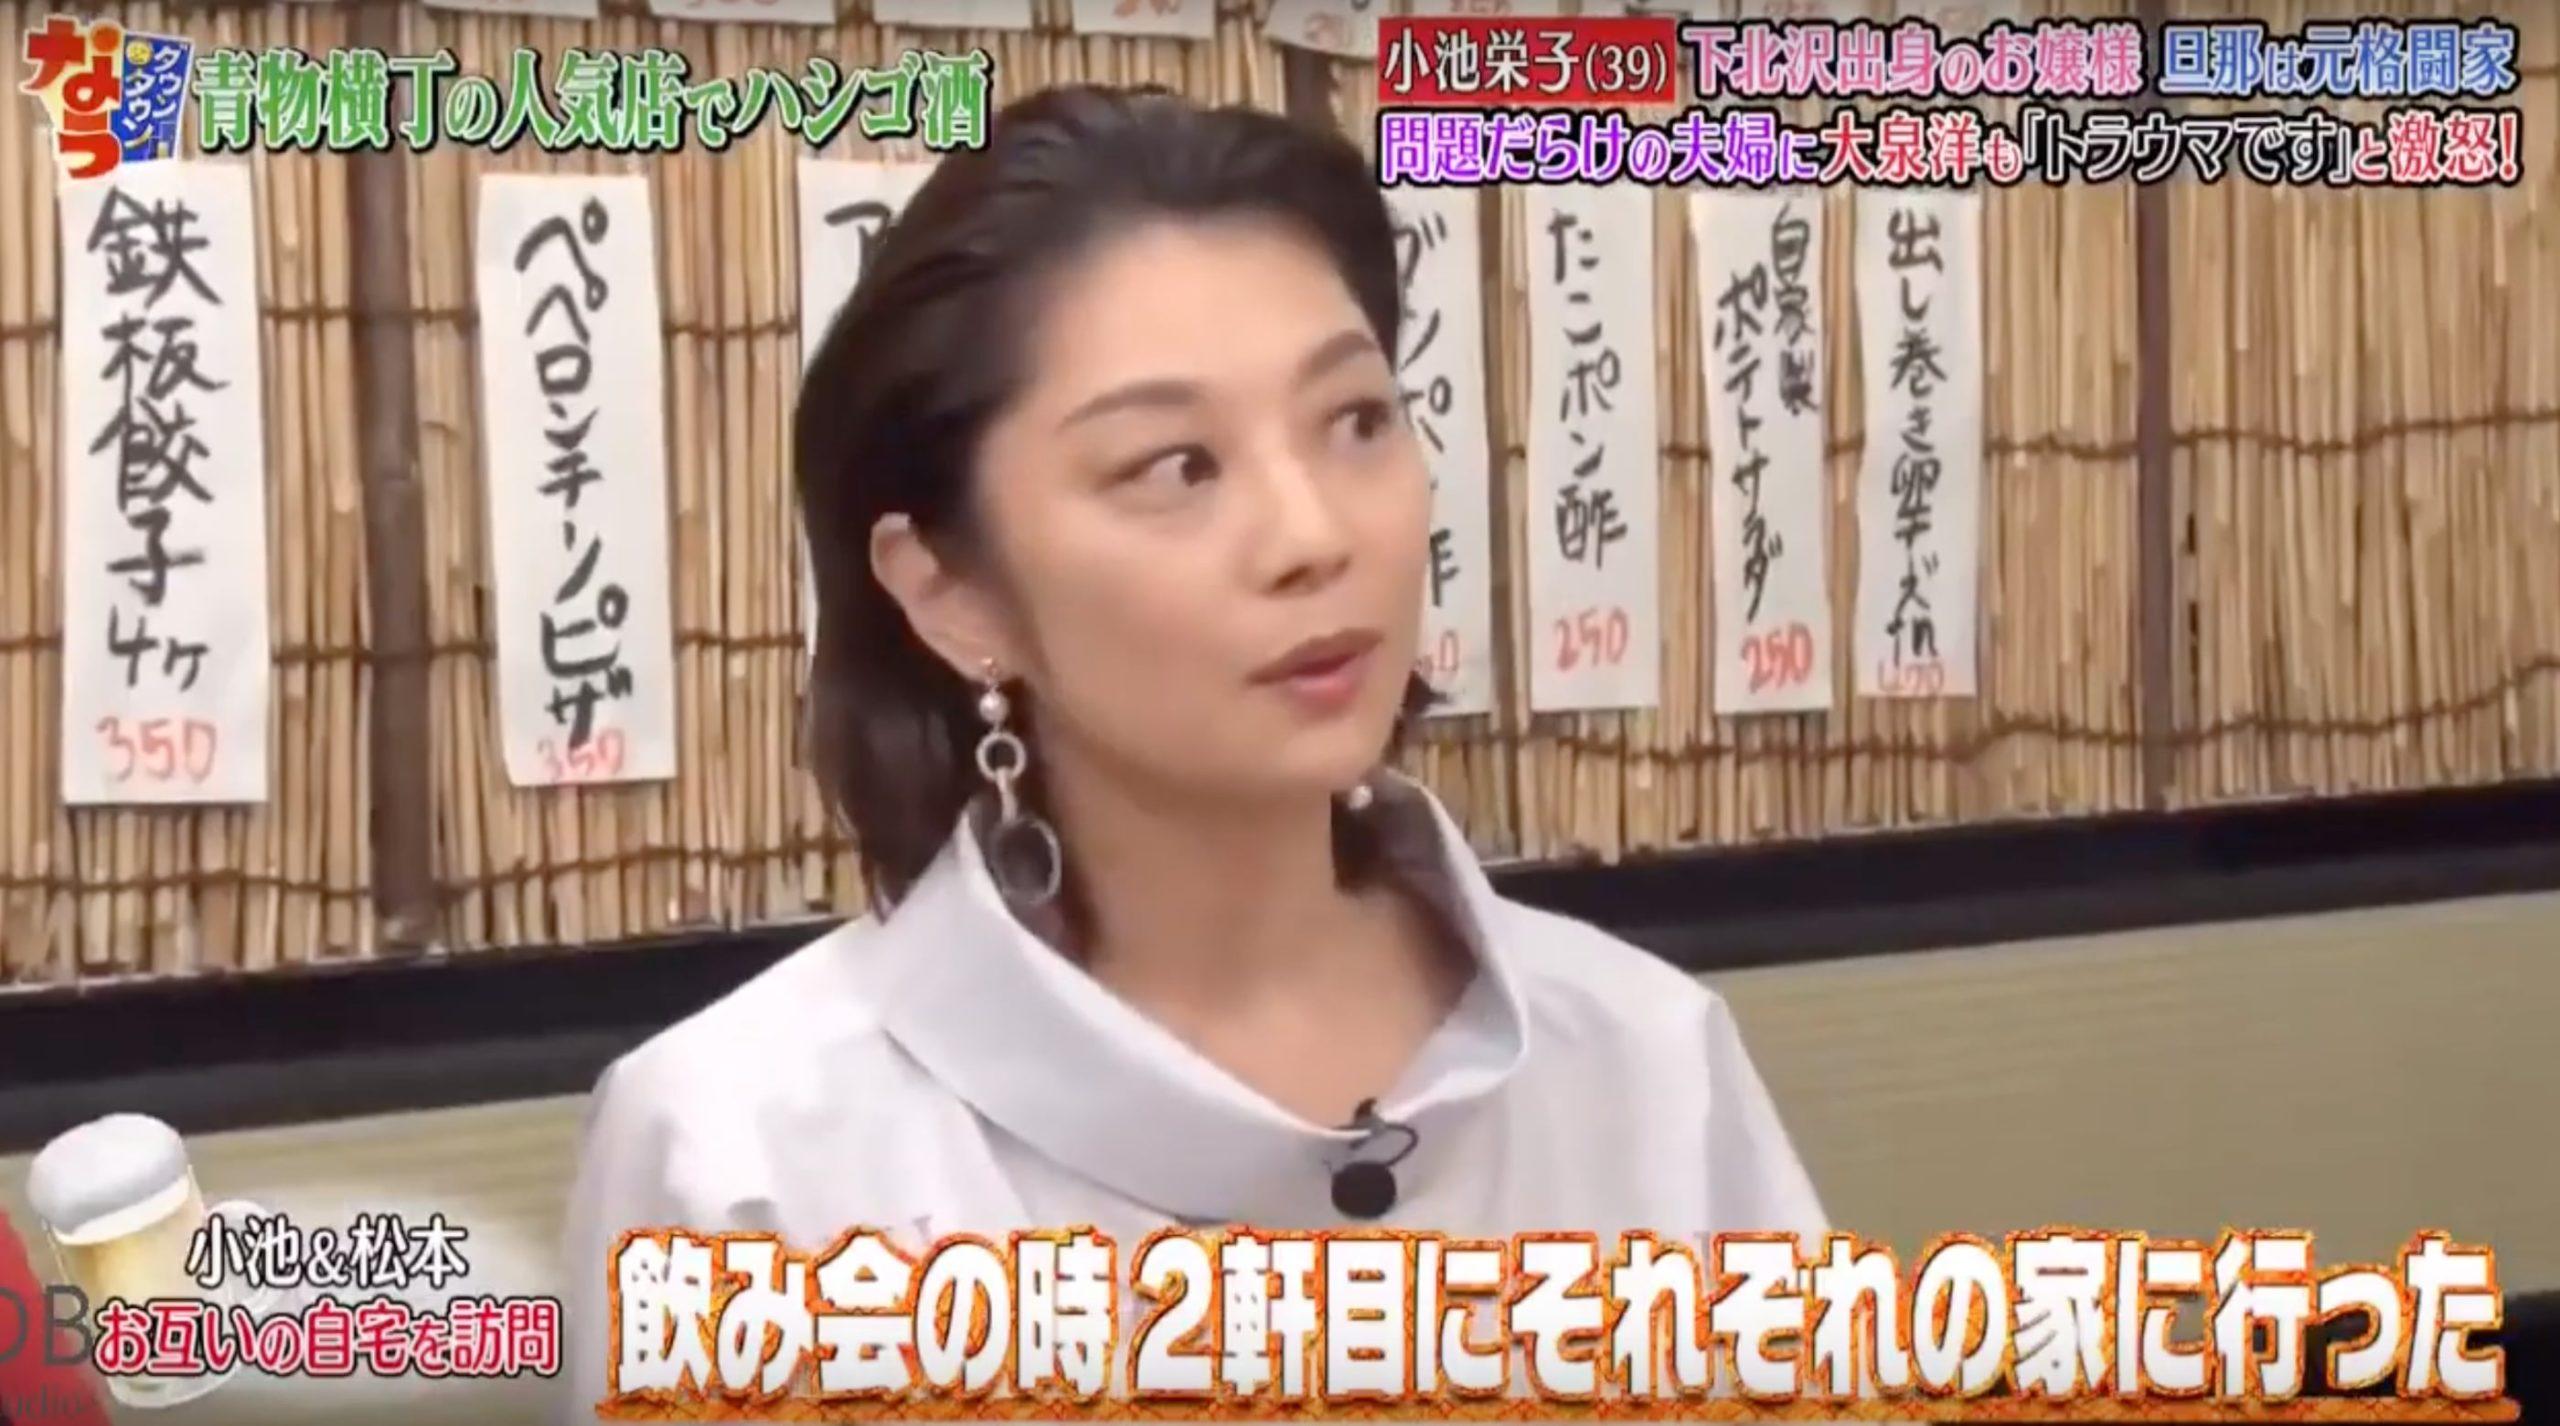 松本人志 自宅 ラピュタ 公開